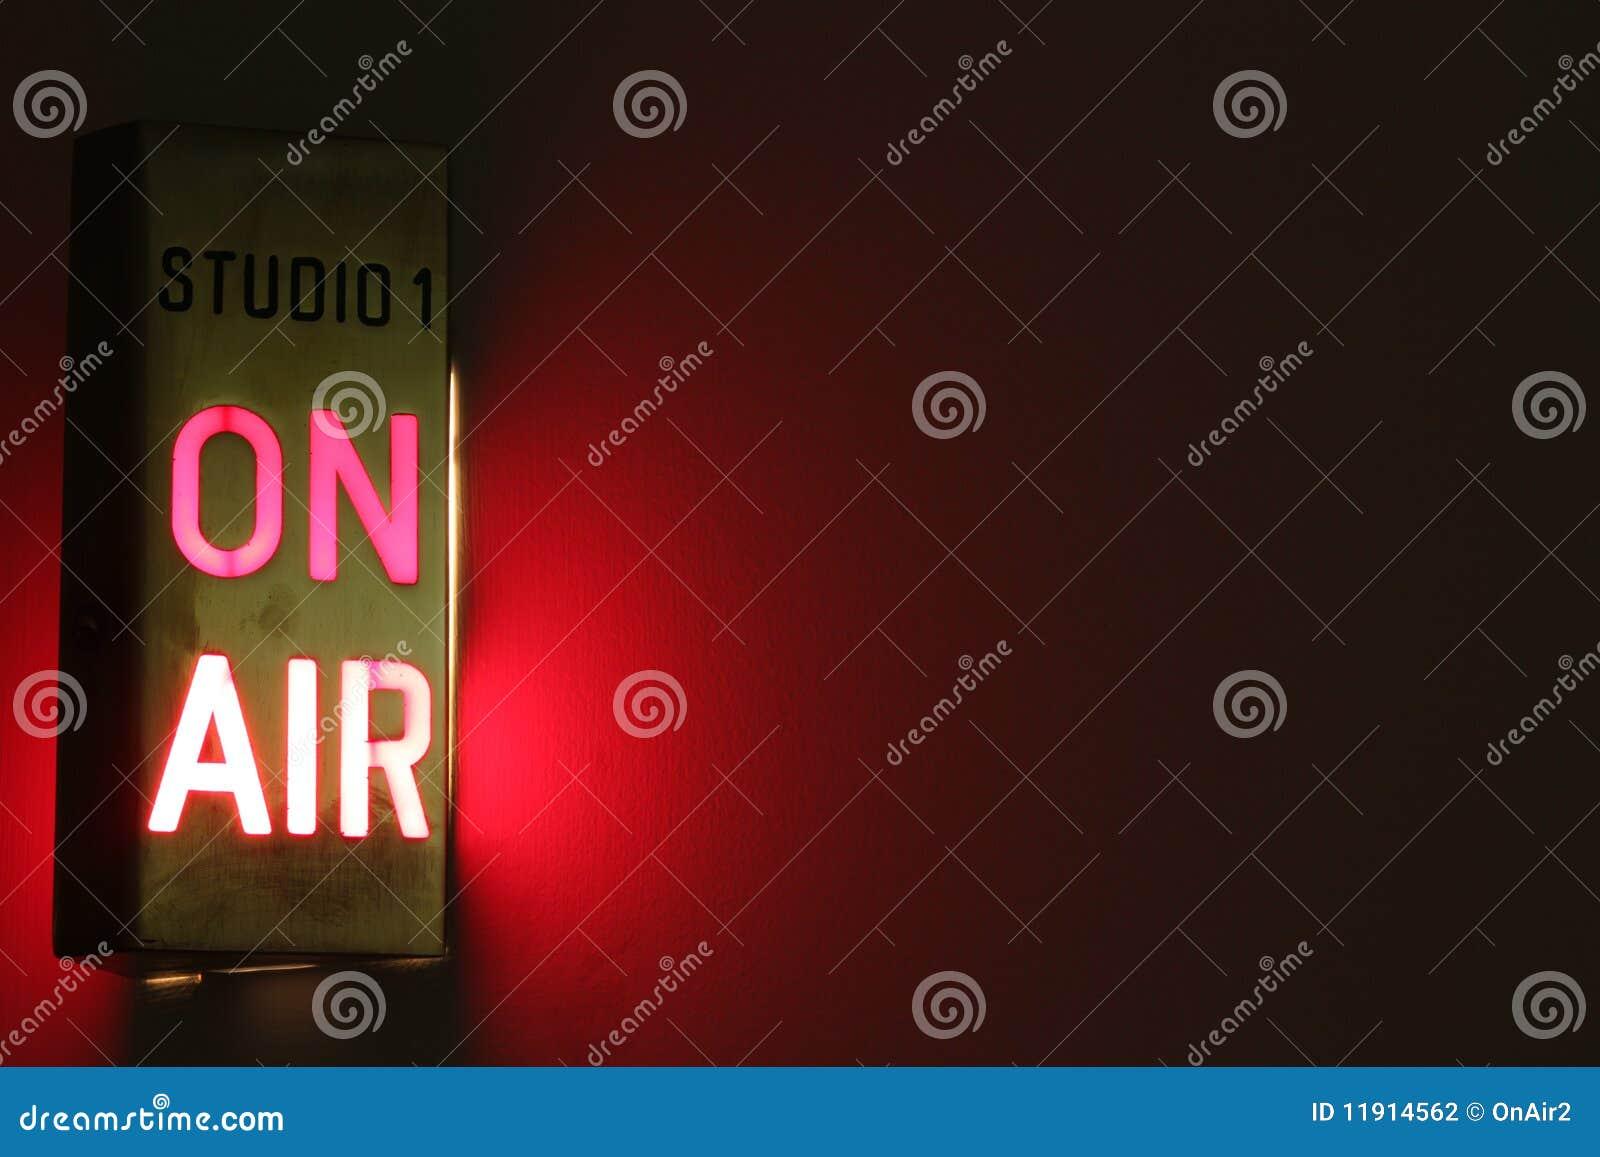 No sinal do estúdio do ar